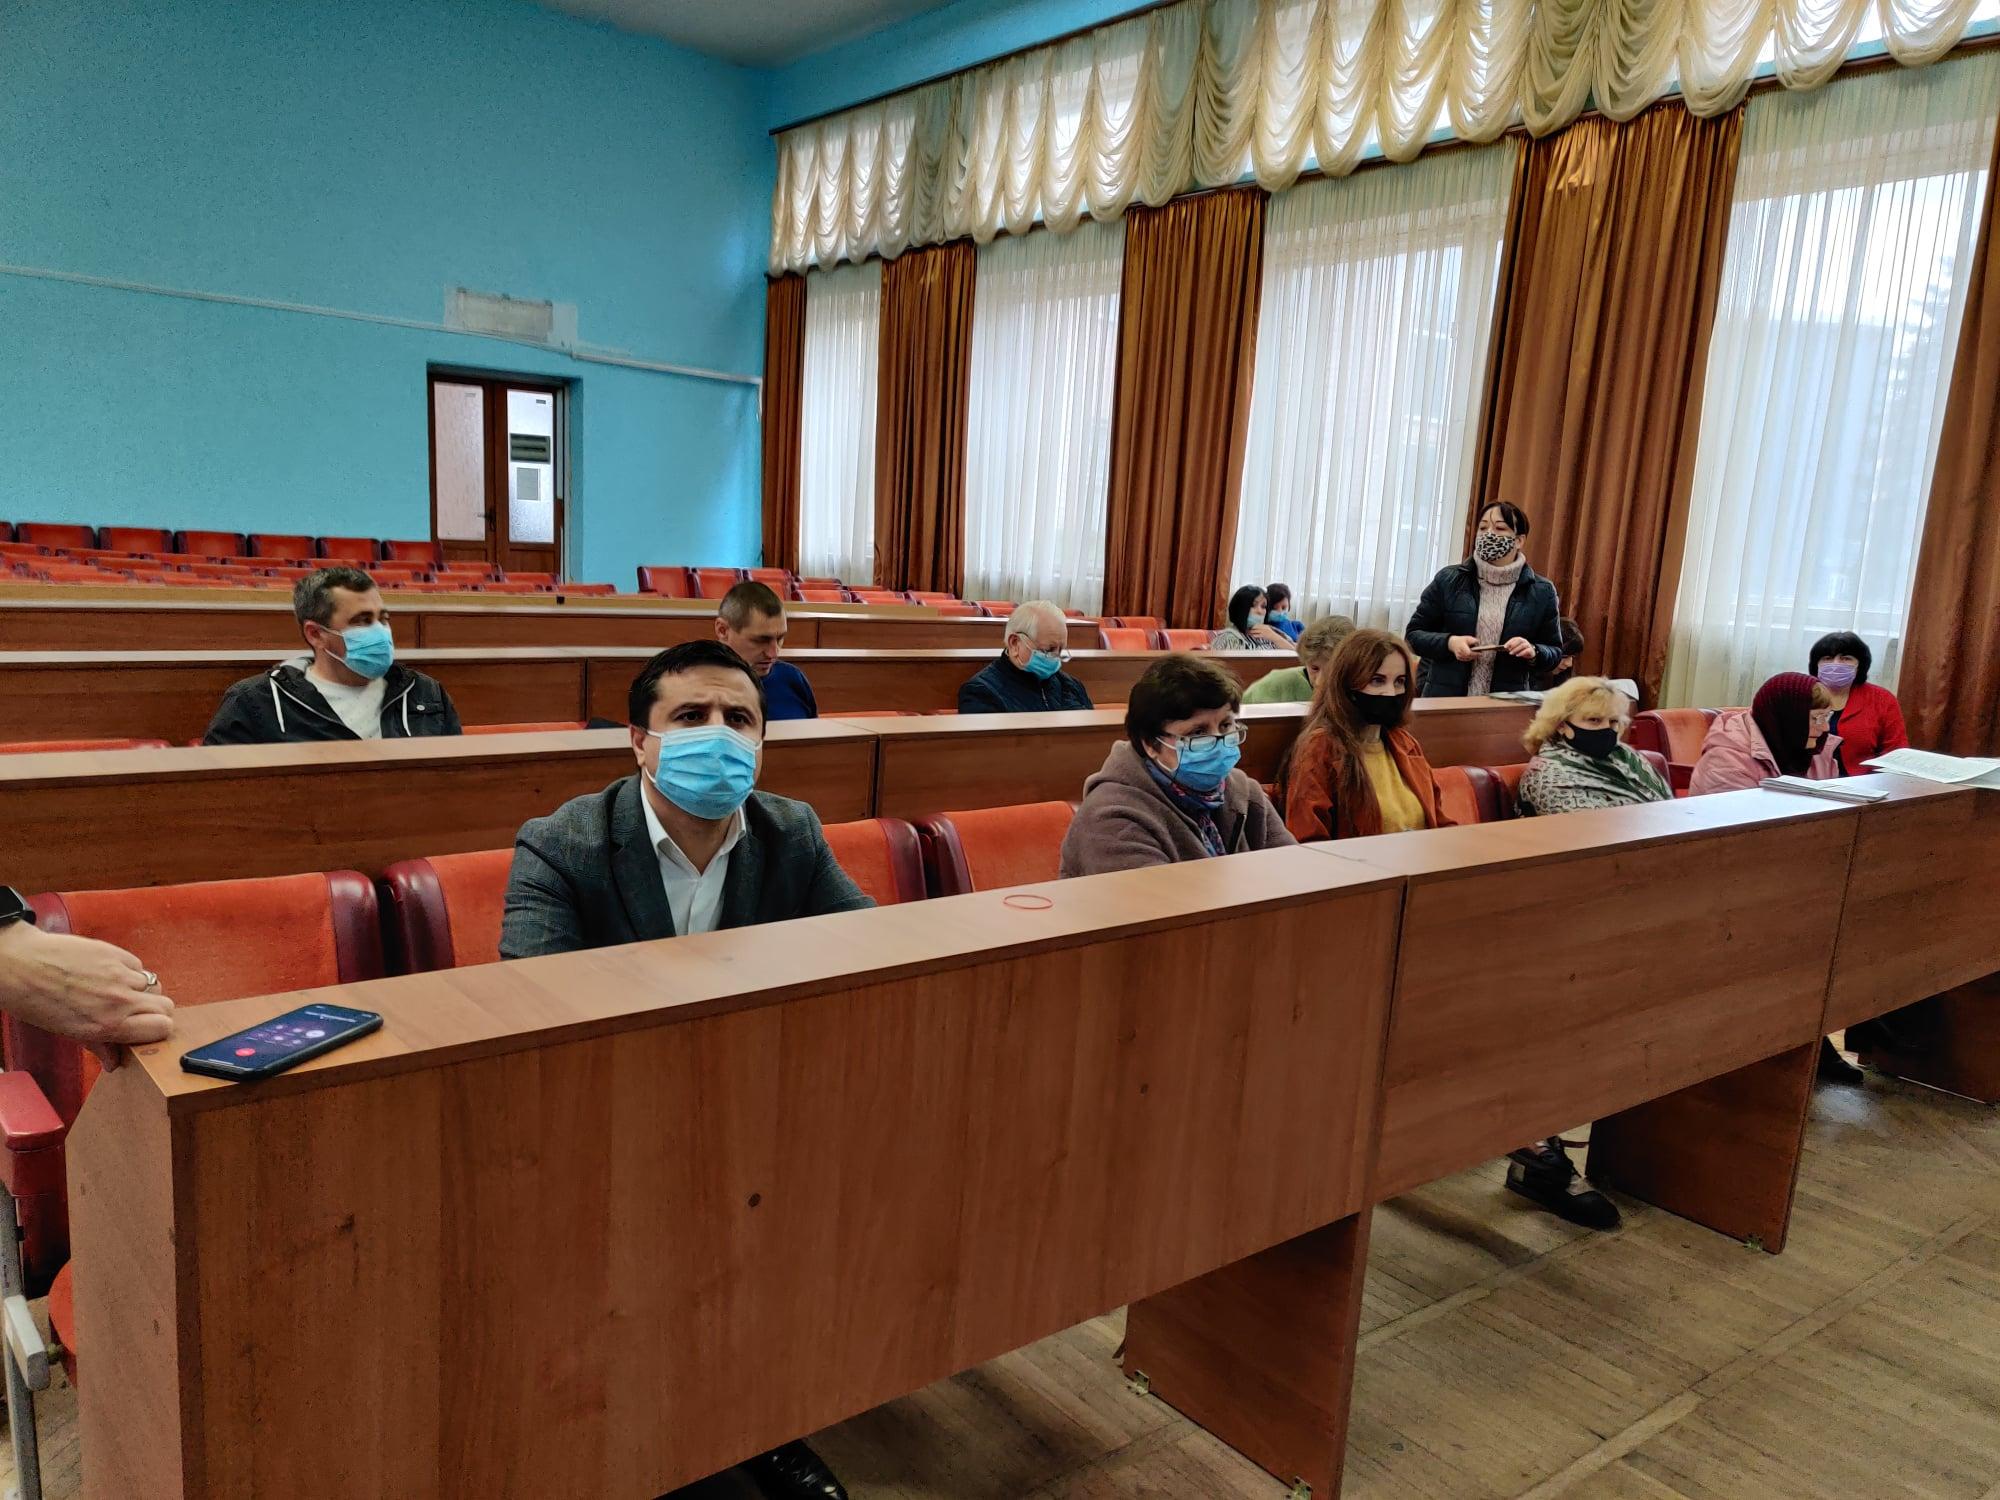 Бюджет, границы и бездеятельность следователей: по итогам сессии Болградского райсовета